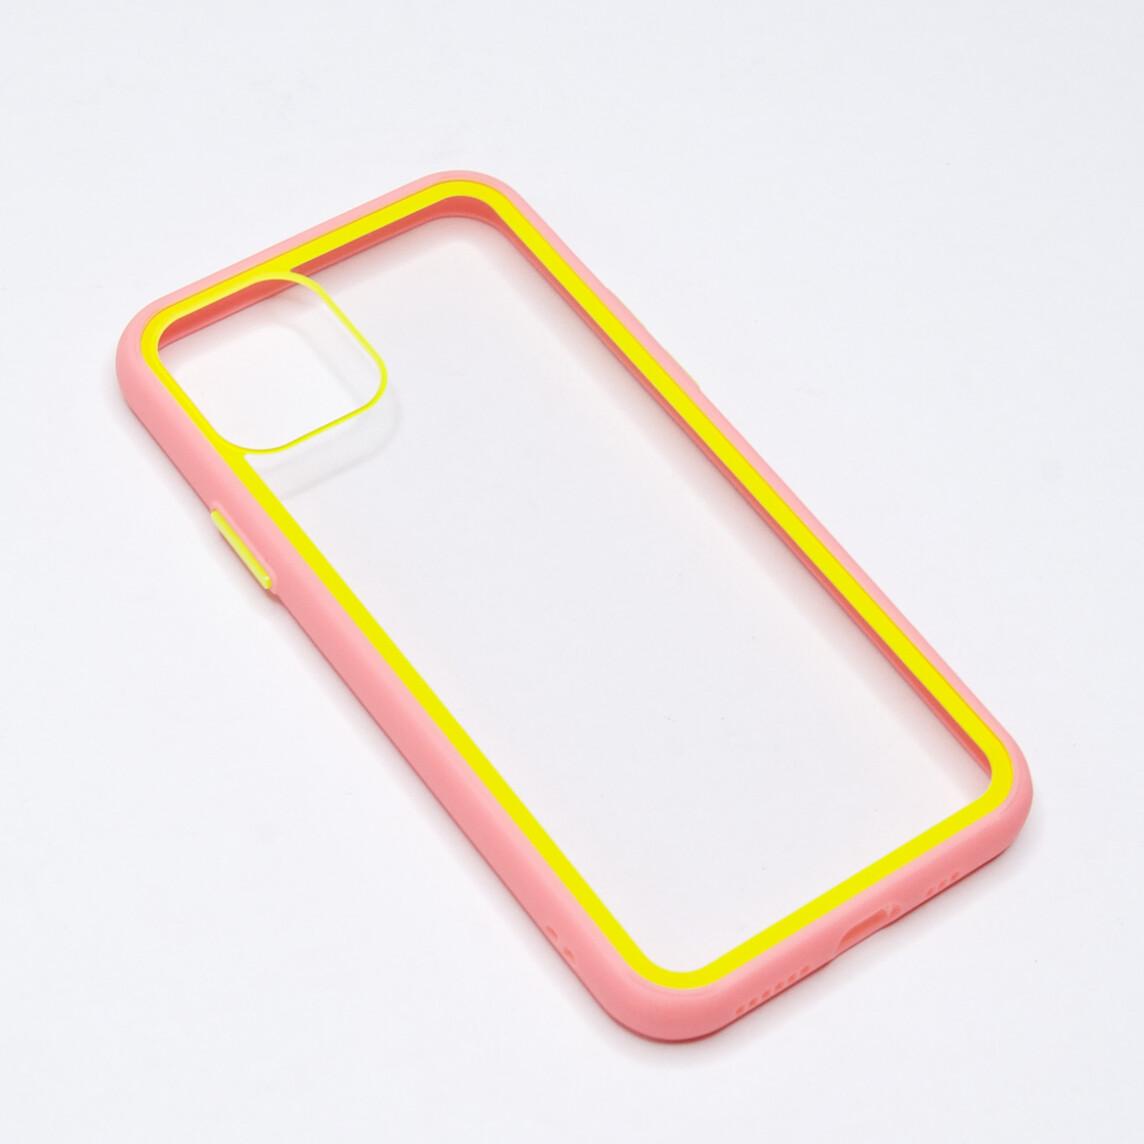 Estuche EL REY Marco De Color Rosado Y Parte De Atras Transparente - Iphone 11